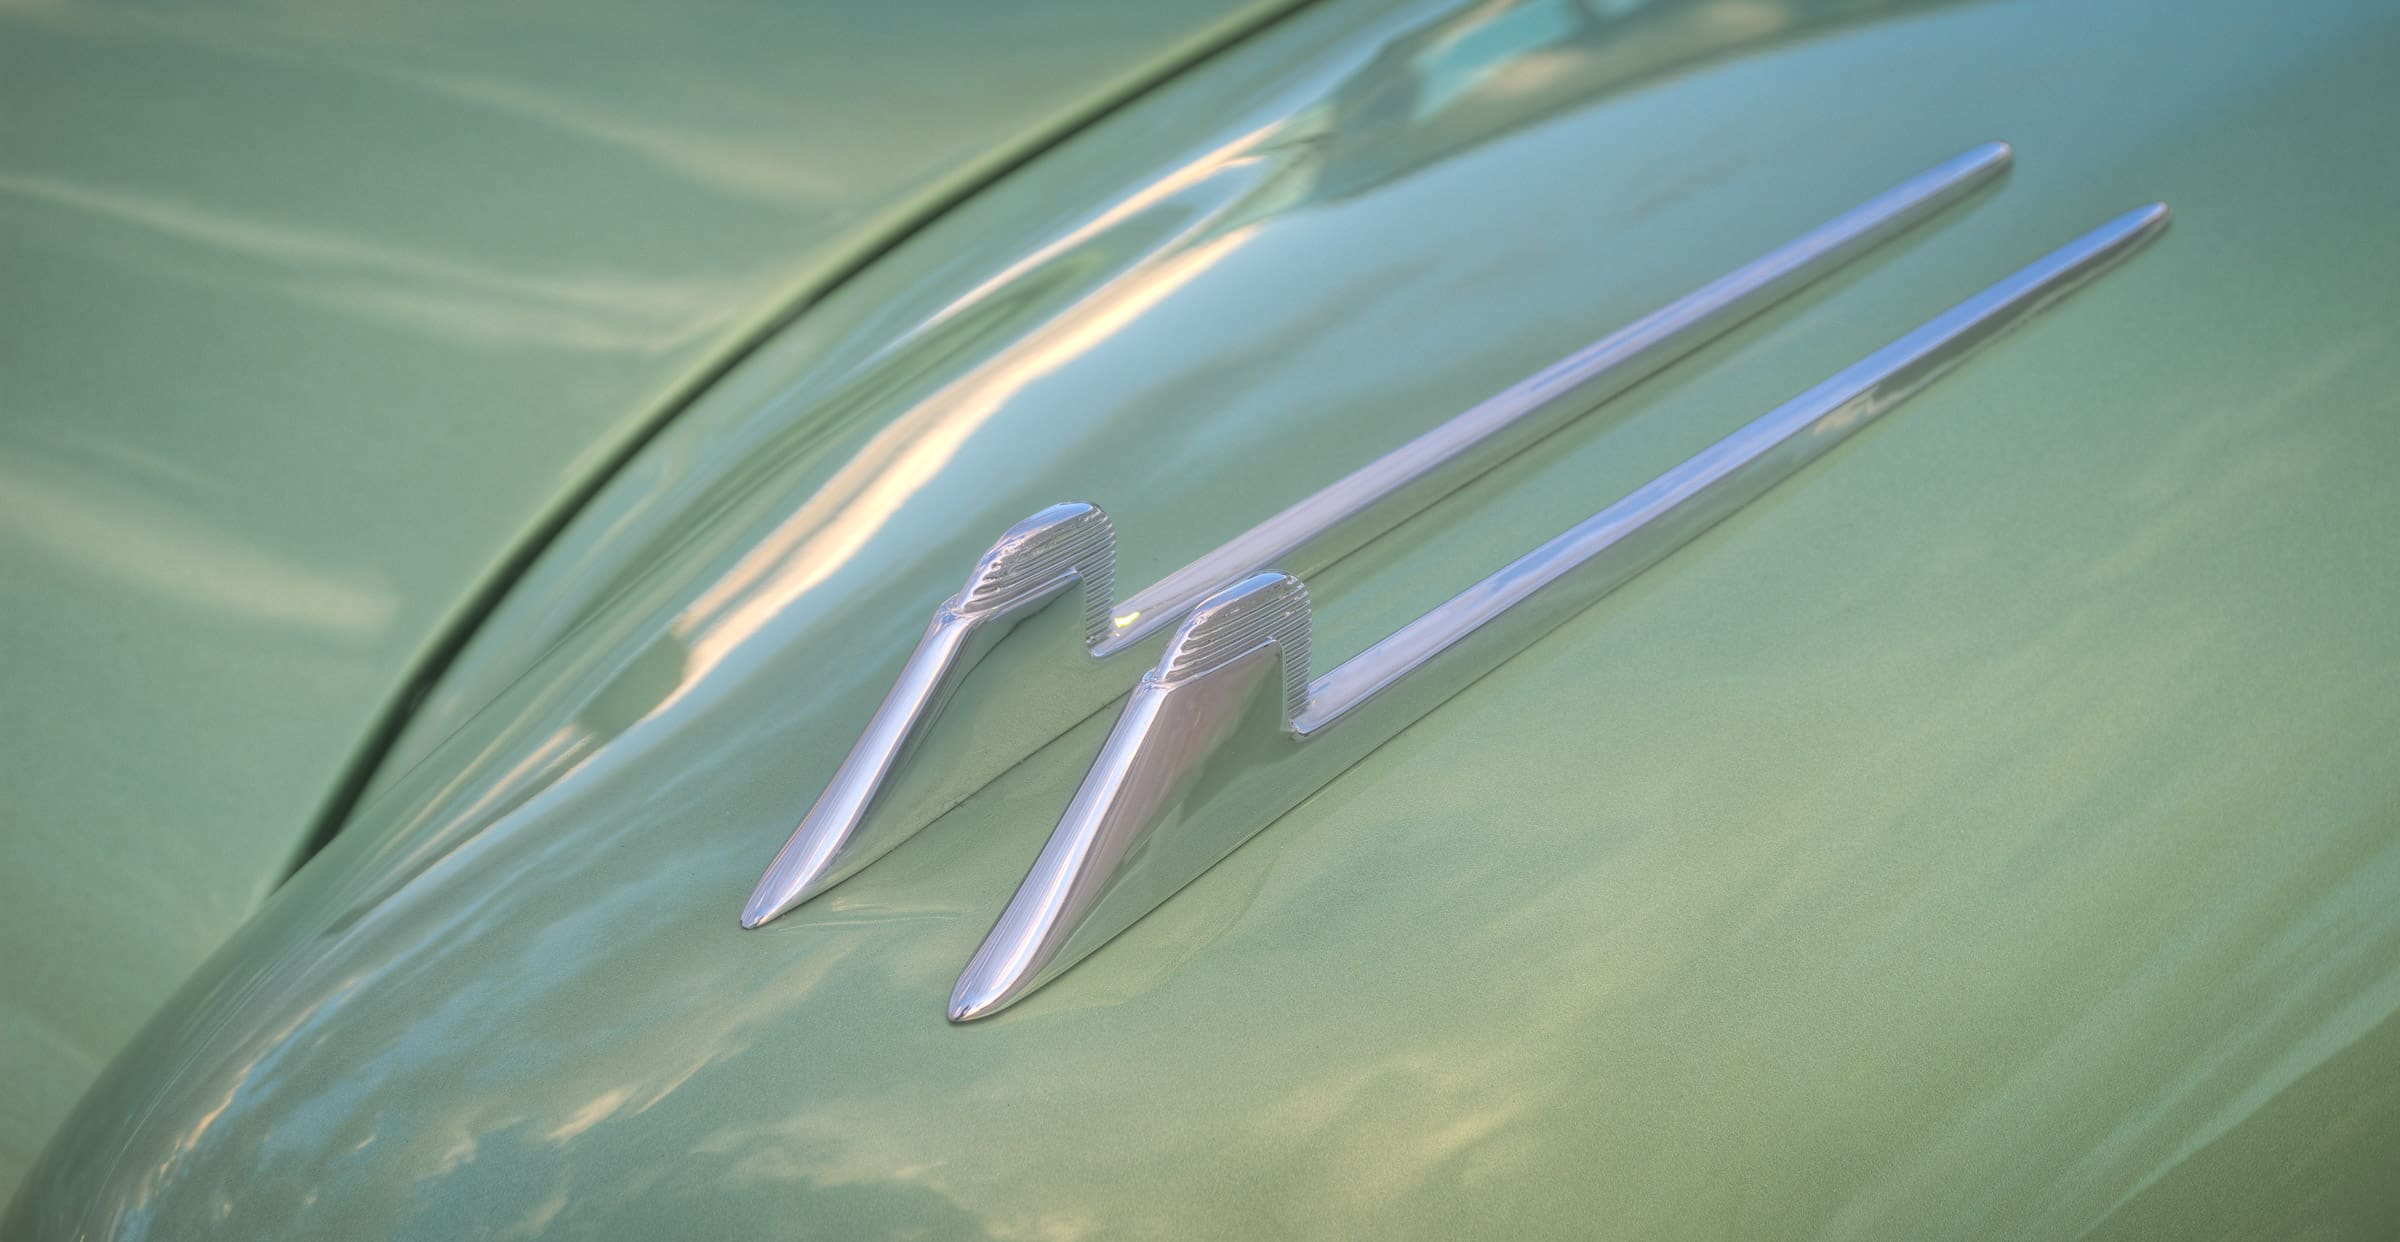 1957 Cadillac Eldorado Seville - Elysian Green